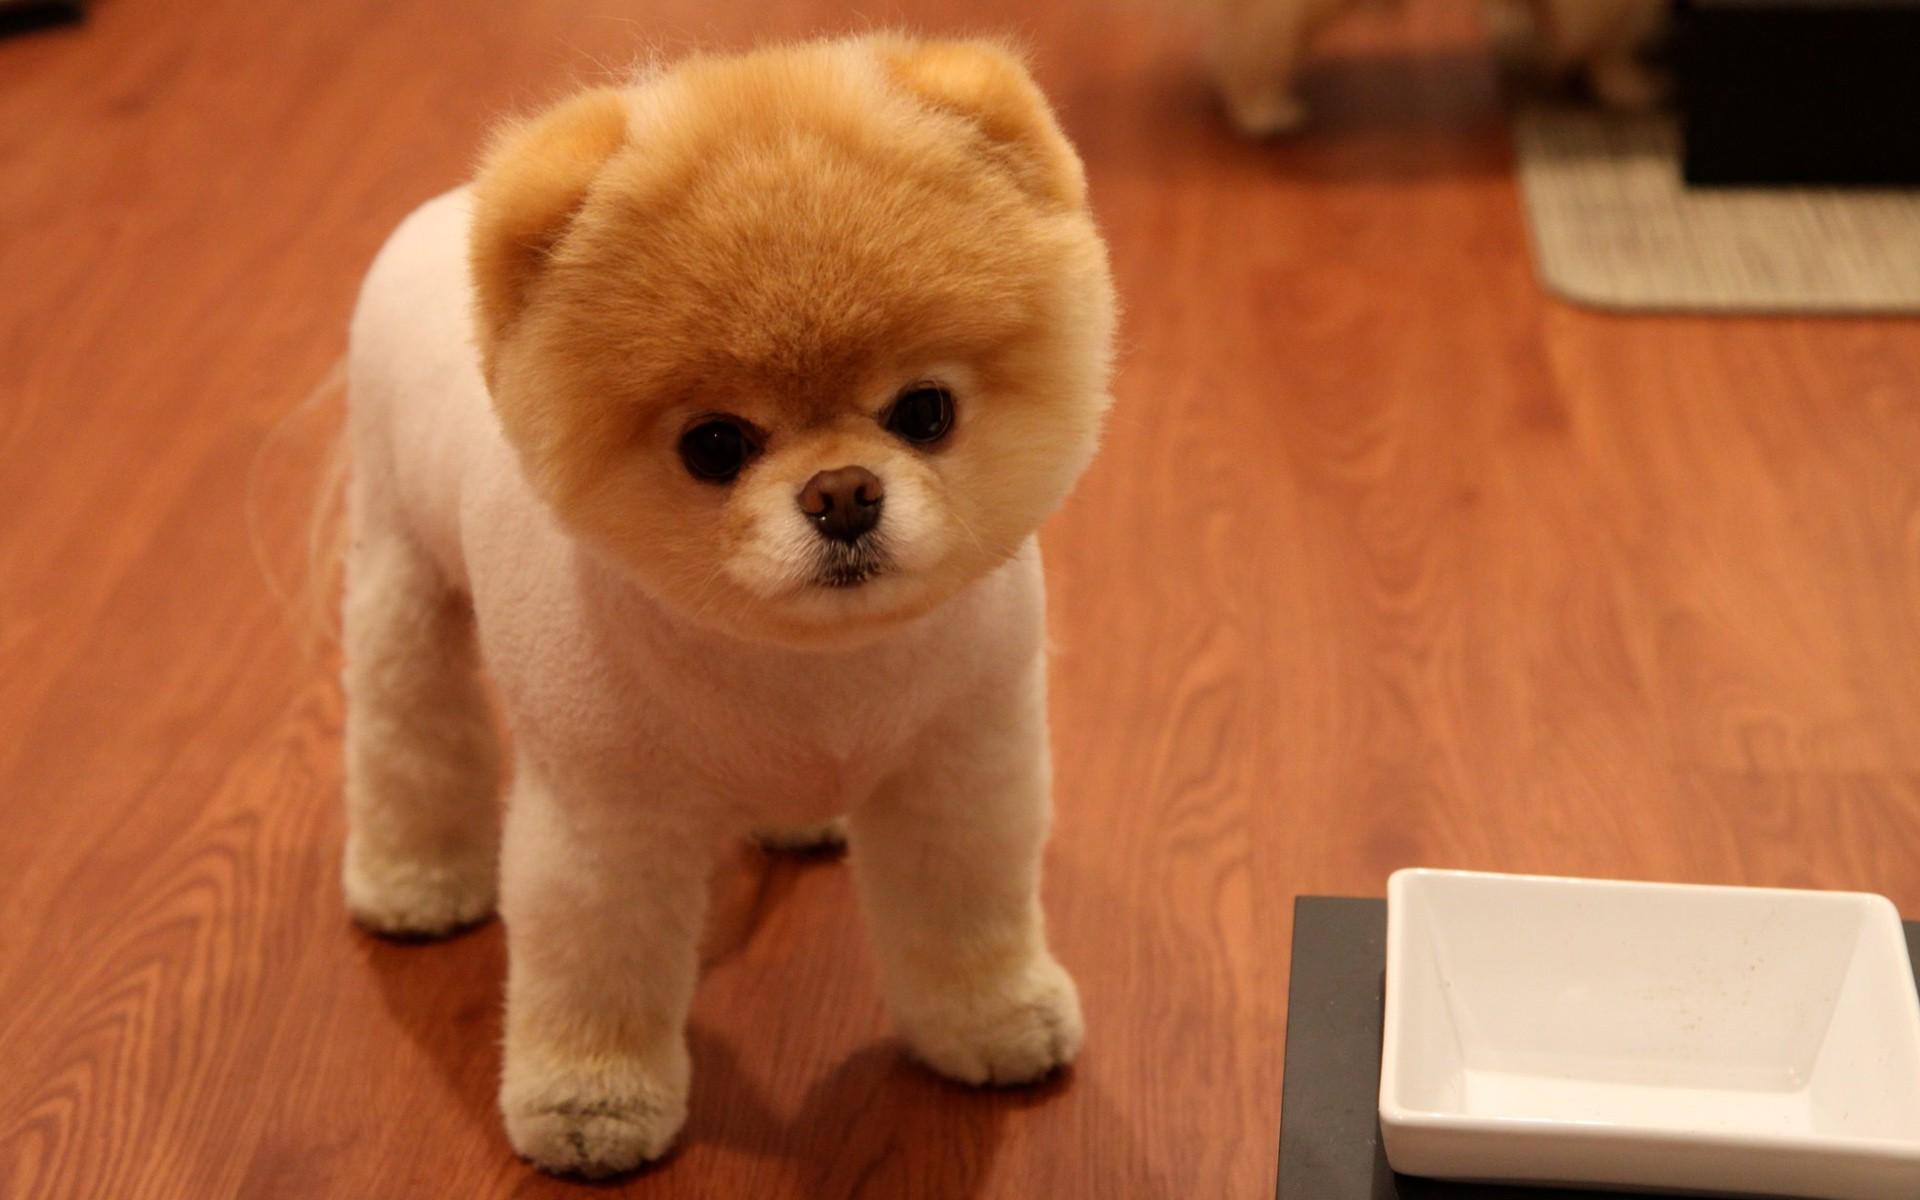 動物 犬 ポメラニアン 子犬 哺乳類 1920x1200 px 脊椎動物 哺乳類のような犬 犬の